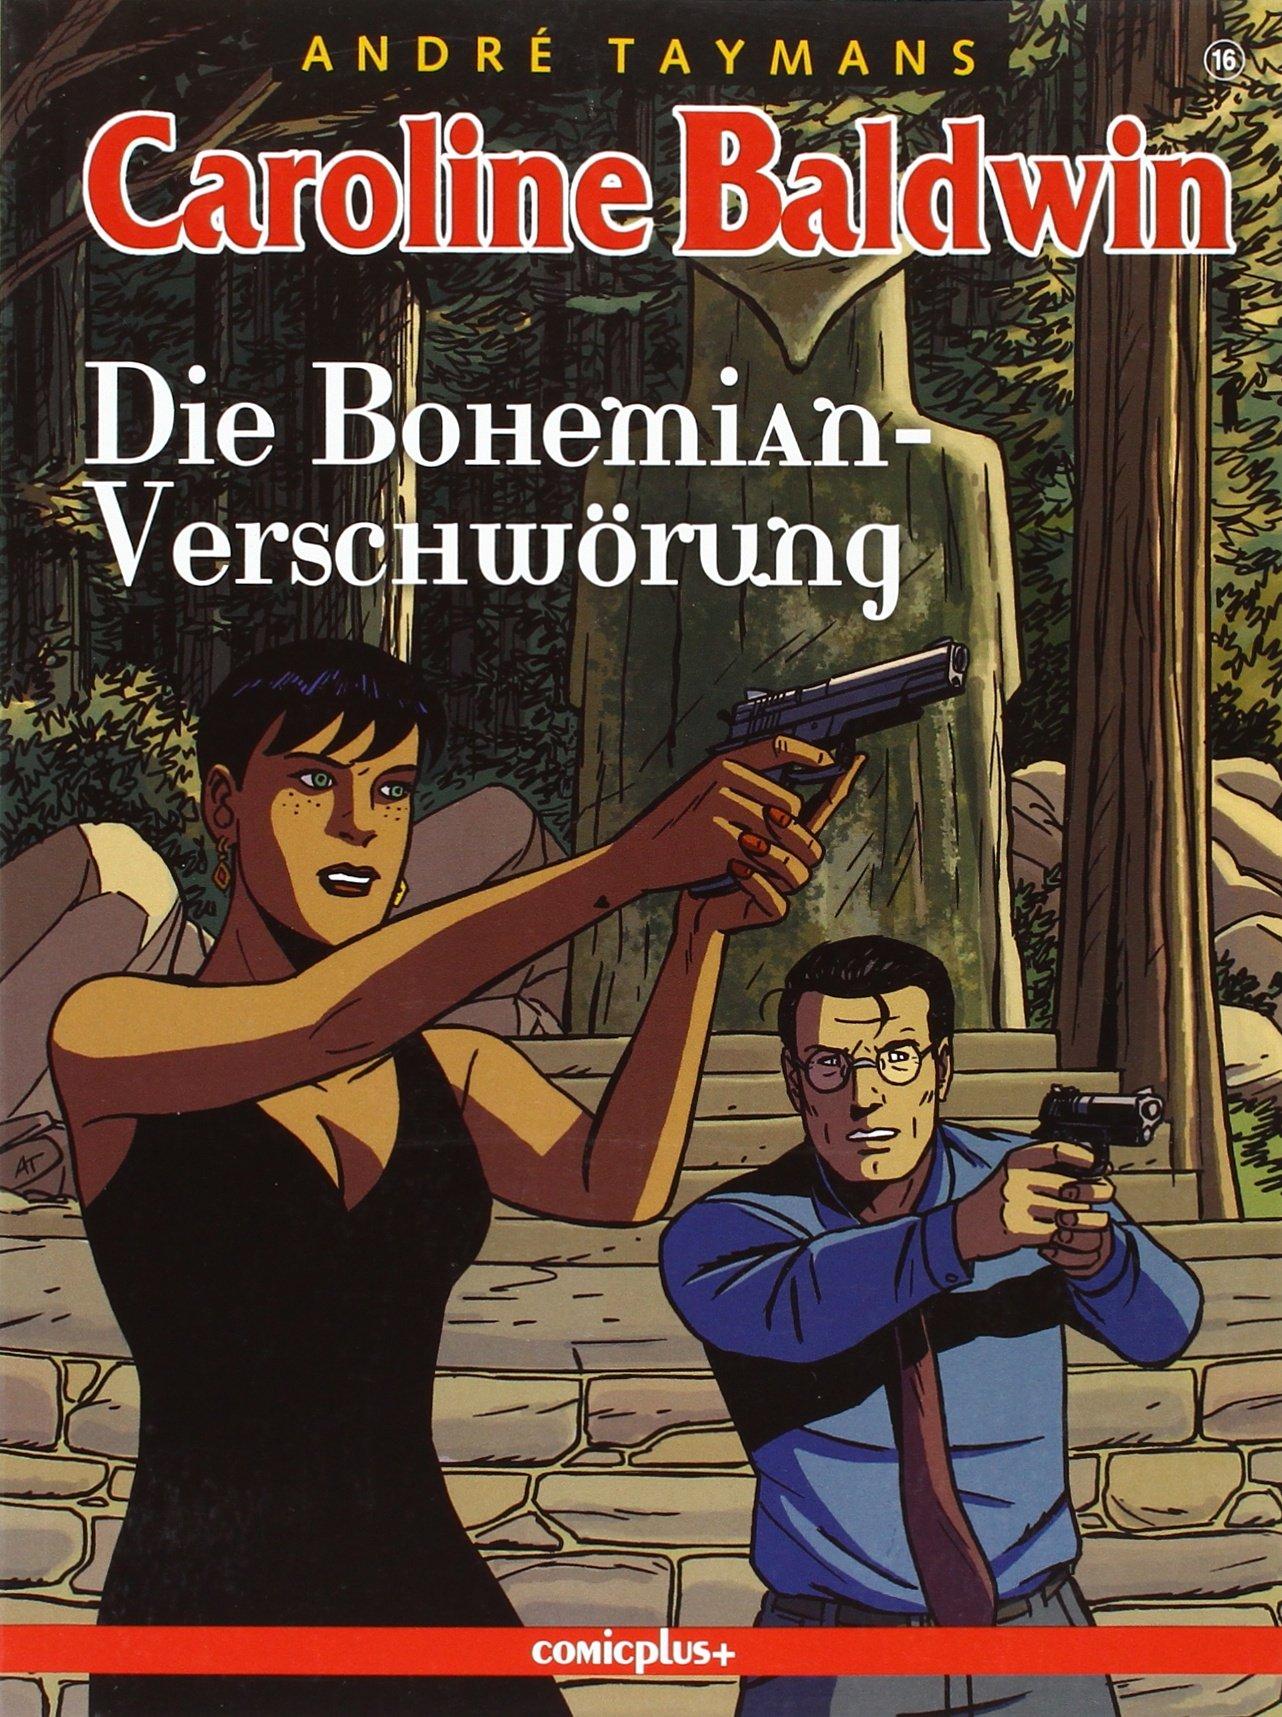 Caroline Baldwin - Die Bohemian-Verschwörung Taschenbuch – 2015 André Taymans Comicplus+ 3894742704 Comics; Krimis/Thriller